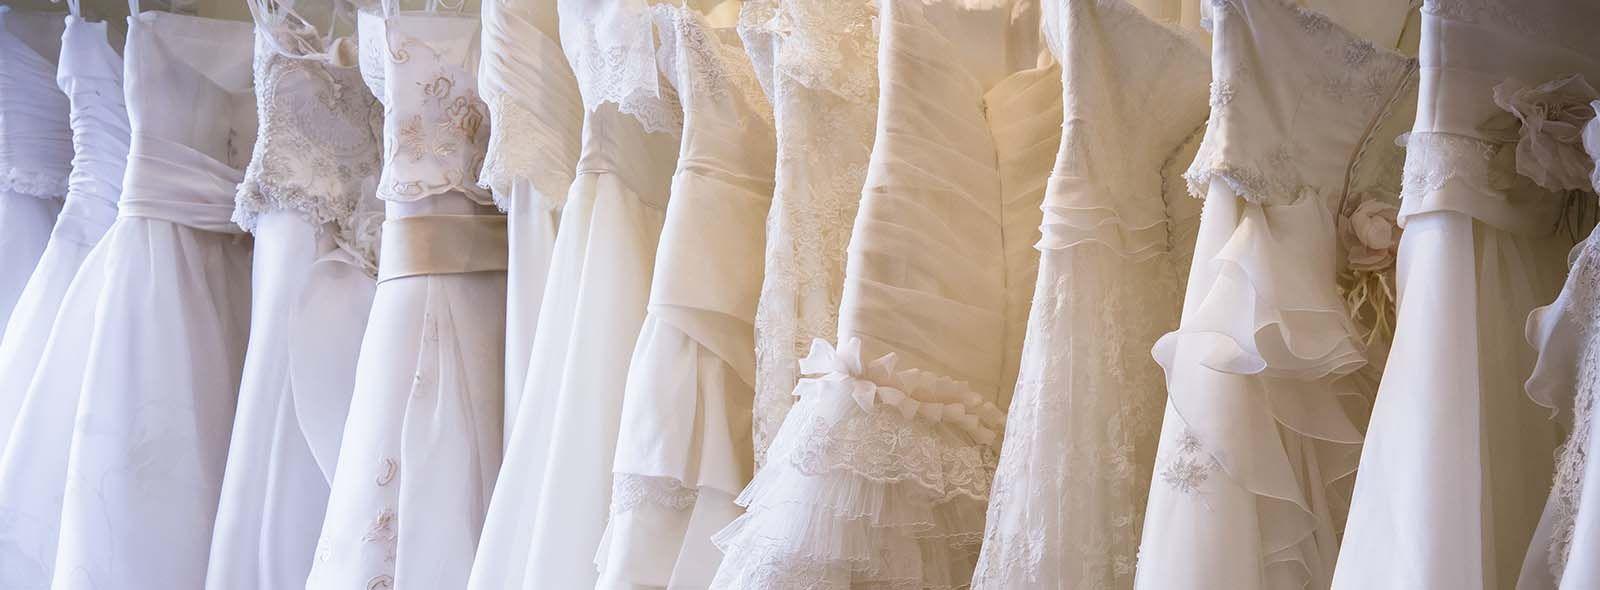 Quali sono i vestiti da sposa più costosi?